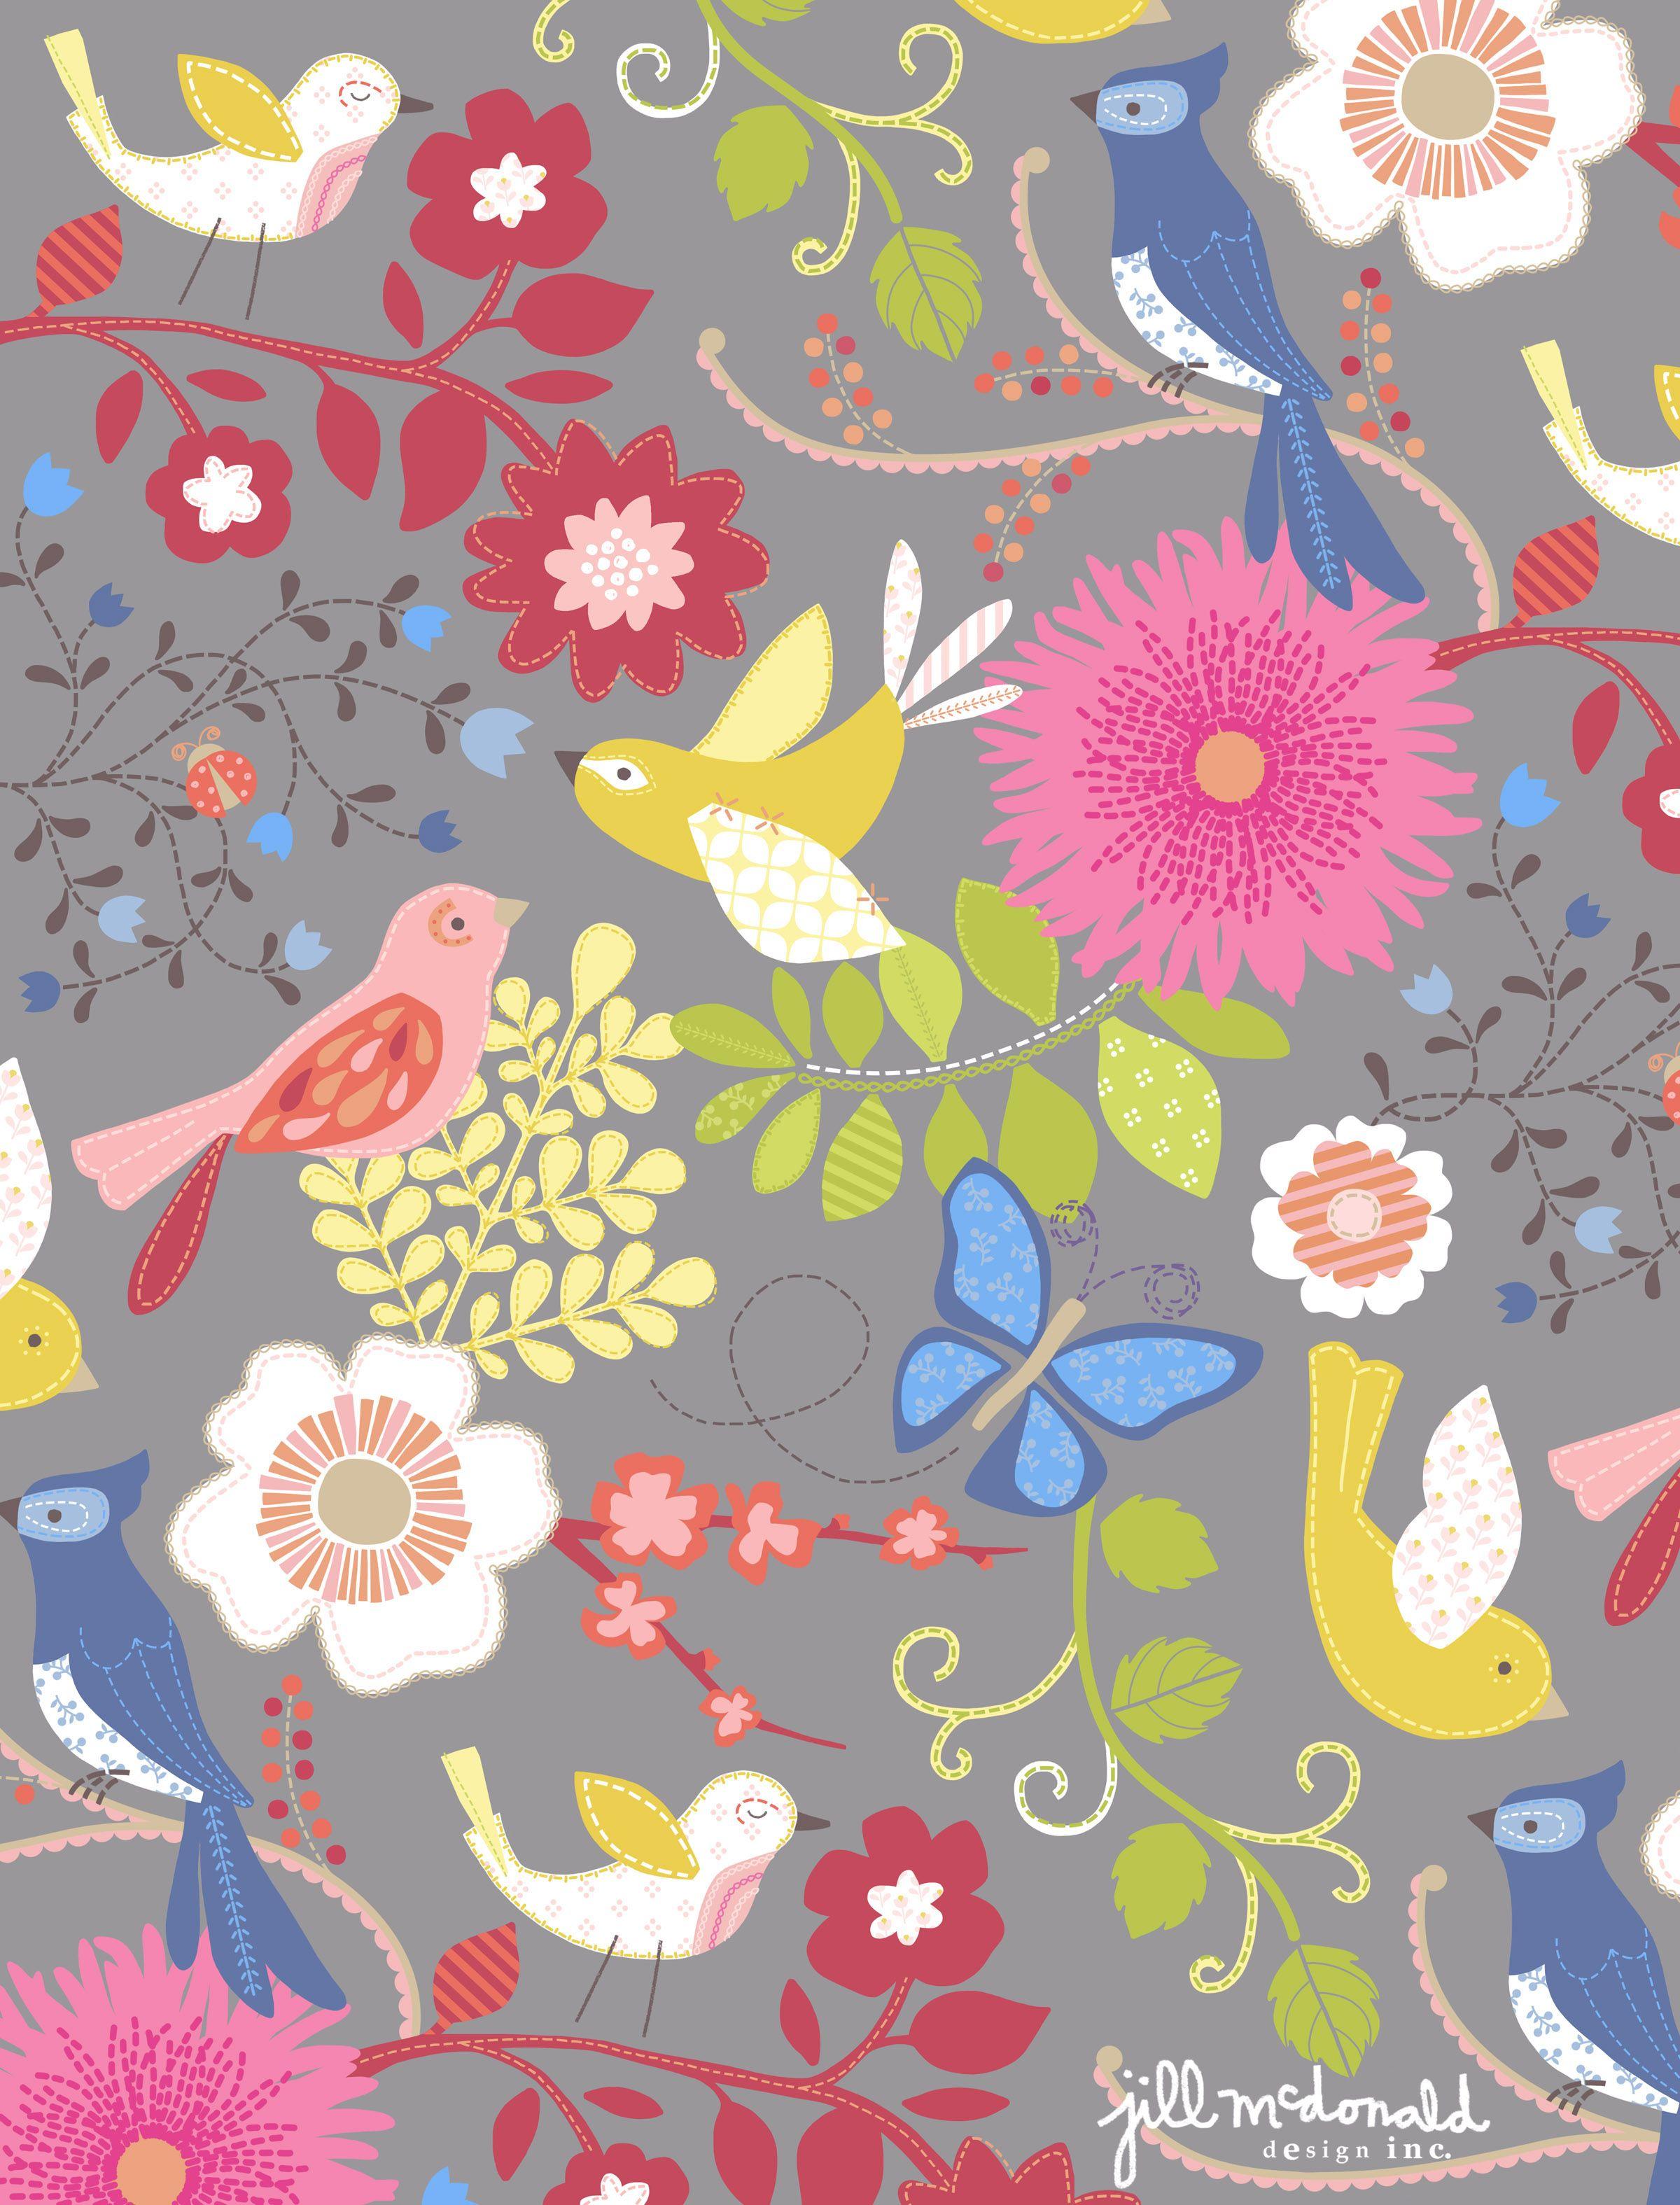 Birds Flower Print By Jill Mcdonald Design Fabric Pinterest